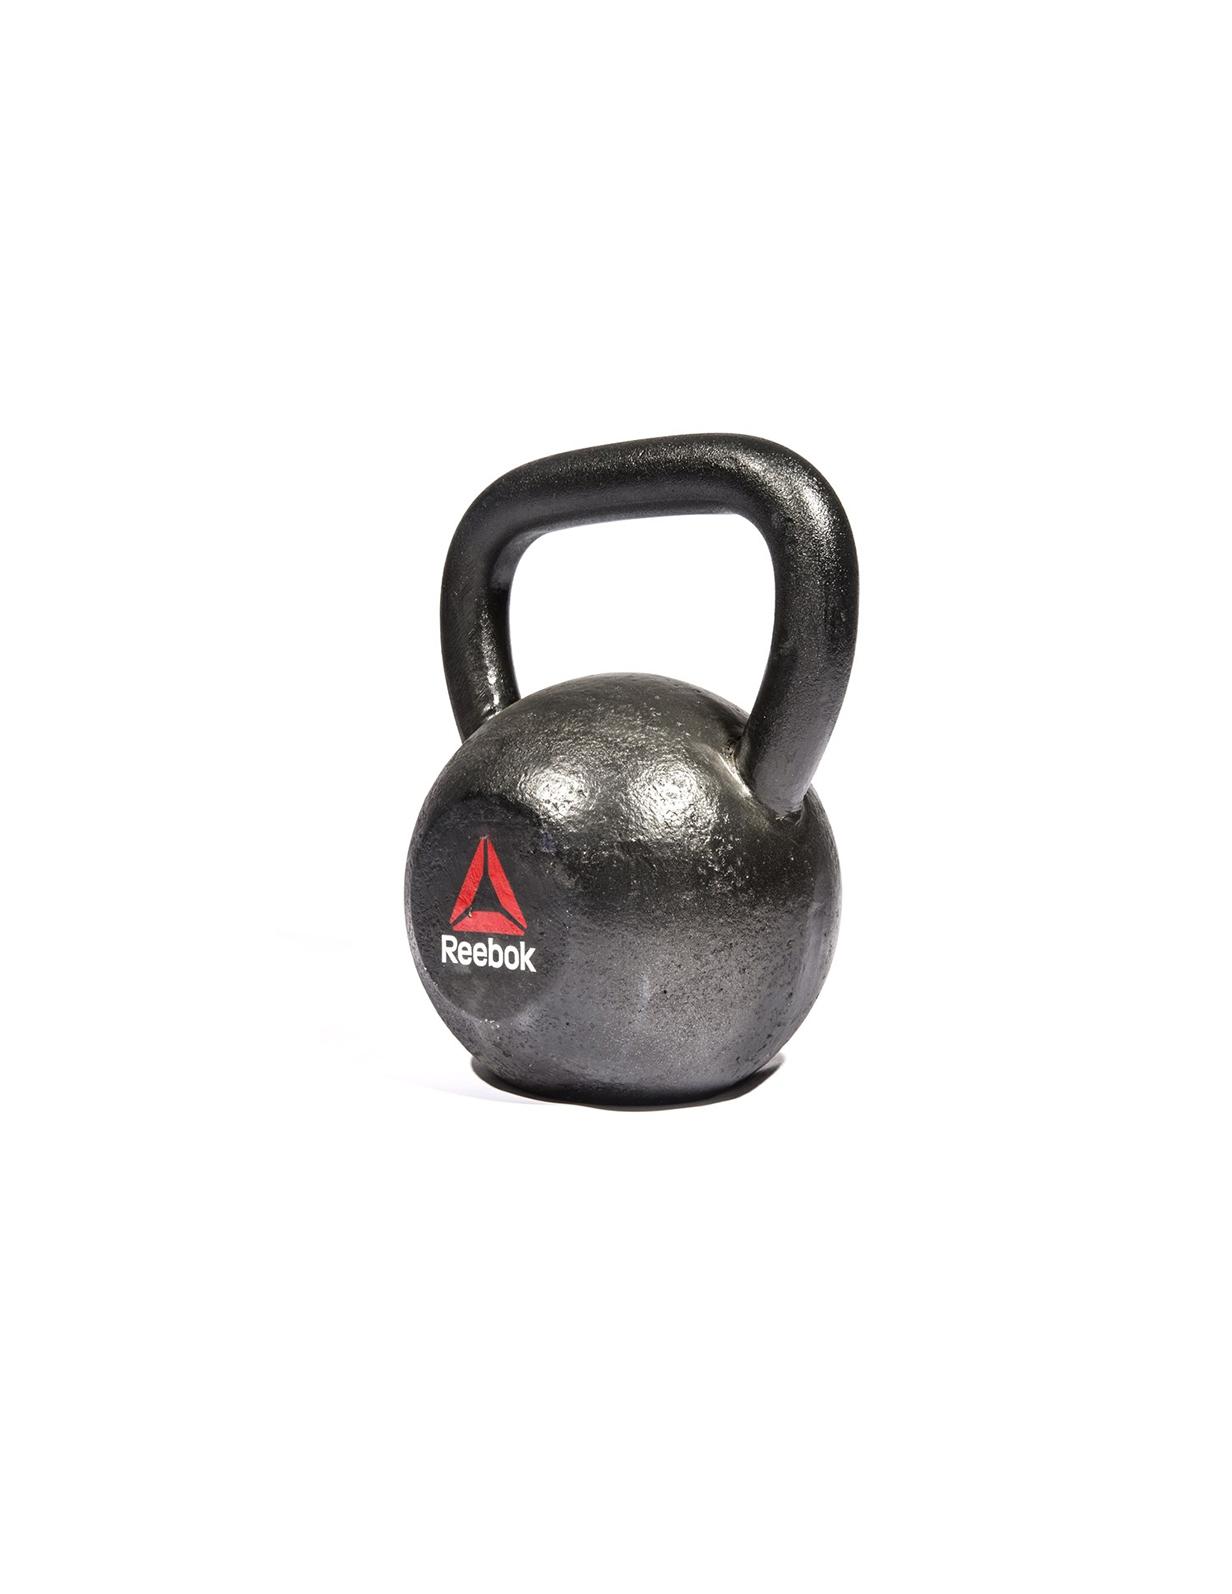 RSWT-12304 - Kettlebell - 16kg